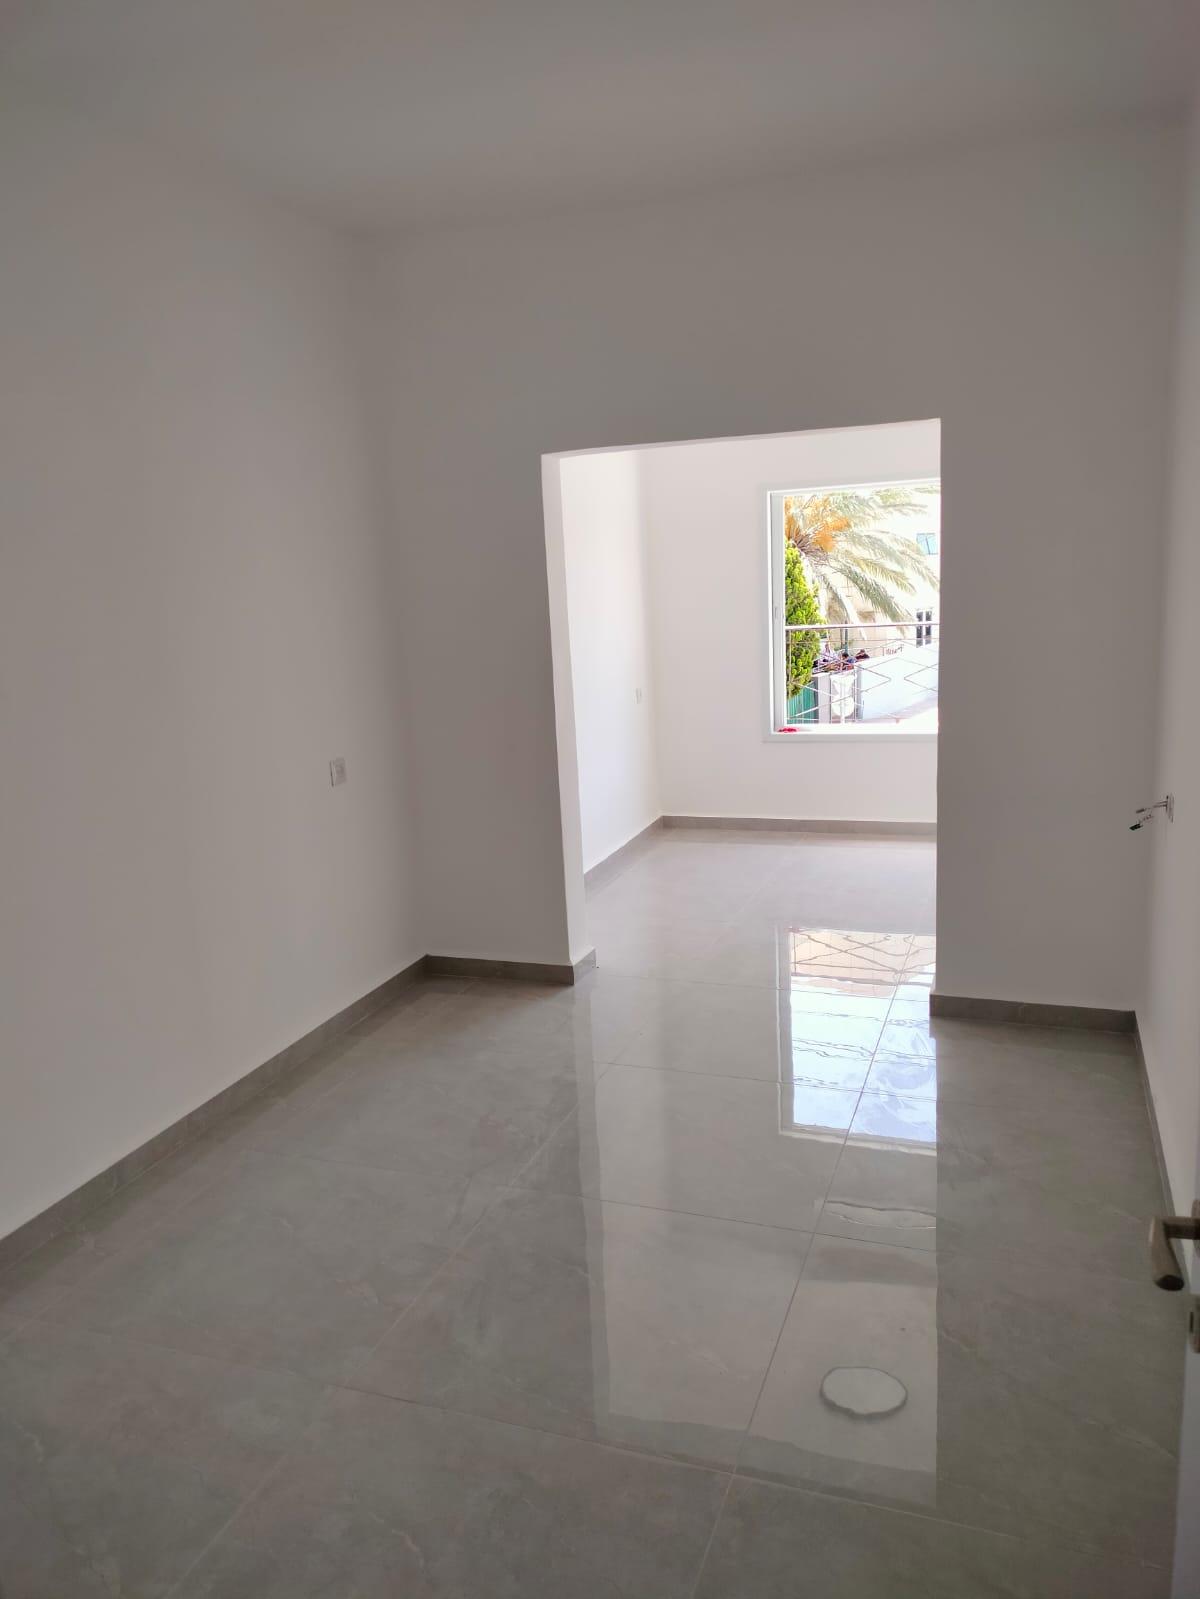 תמונה 2 ,דירה 3.5 חדרים  קשת  קרית שלום תל אביב יפו